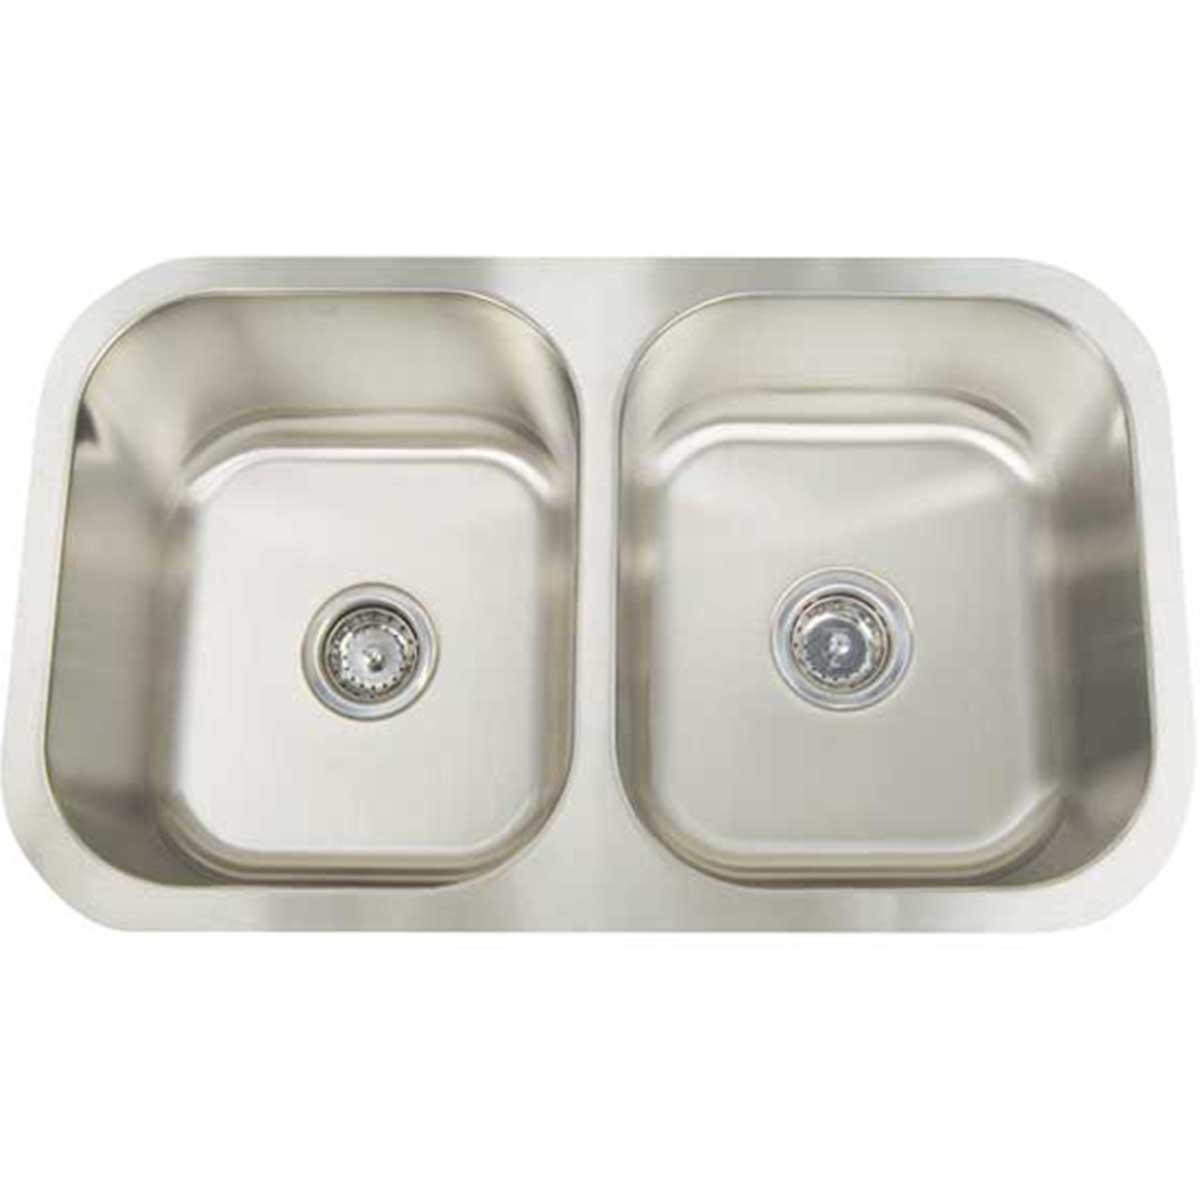 Artisan Sinks Double Bowl AR3218 D1